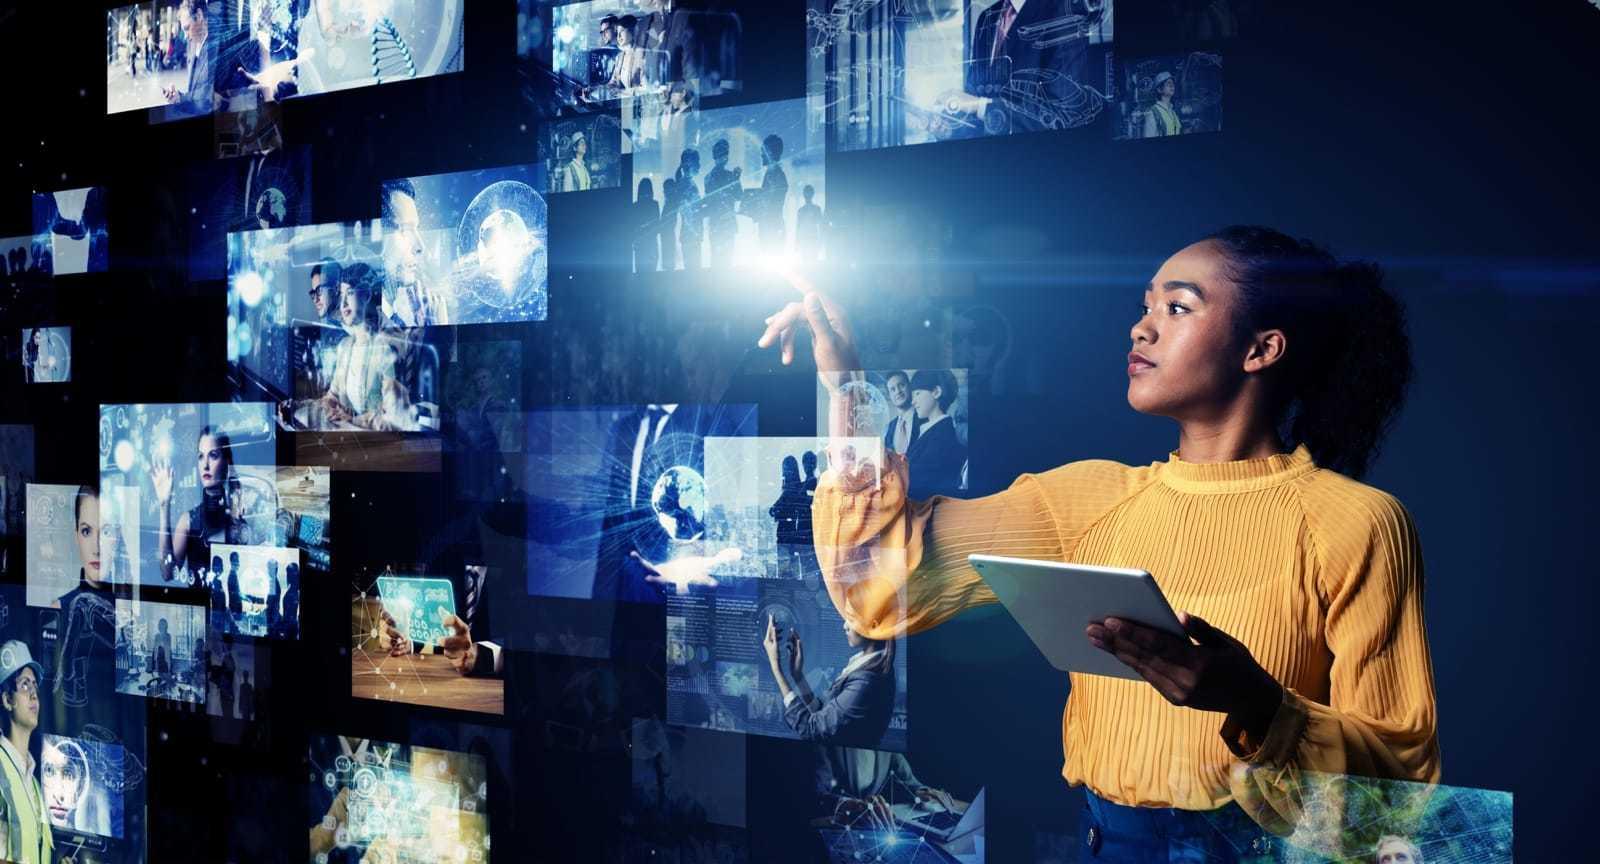 映像コンテンツに触れる女性